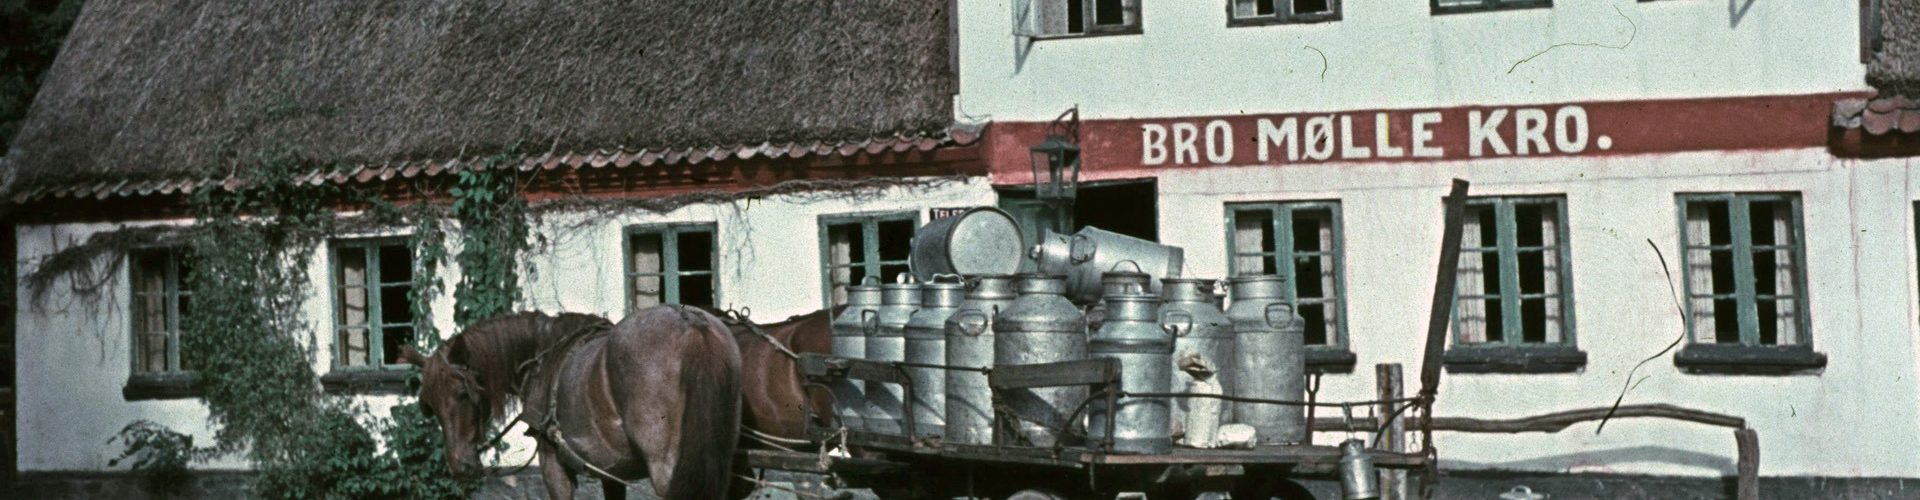 Mælkevogn på kroen_1920 aflangt